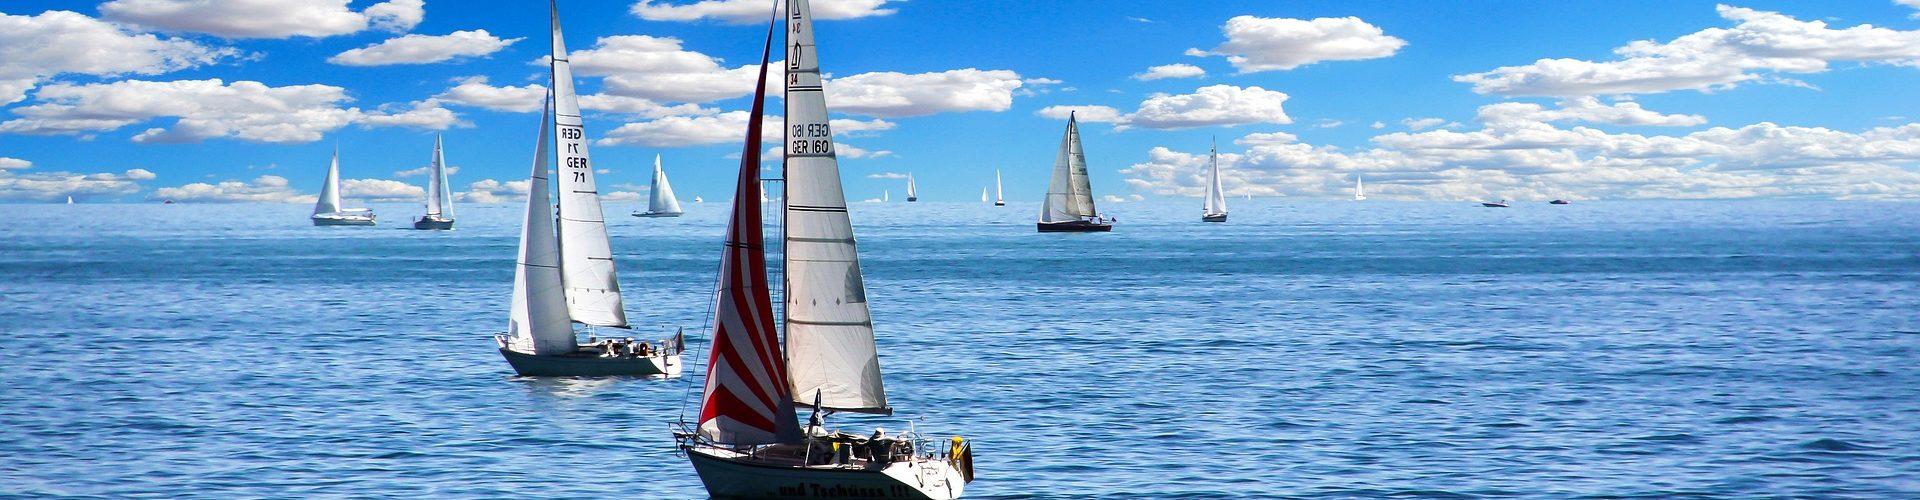 segeln lernen in Zeitz segelschein machen in Zeitz 1920x500 - Segeln lernen in Zeitz